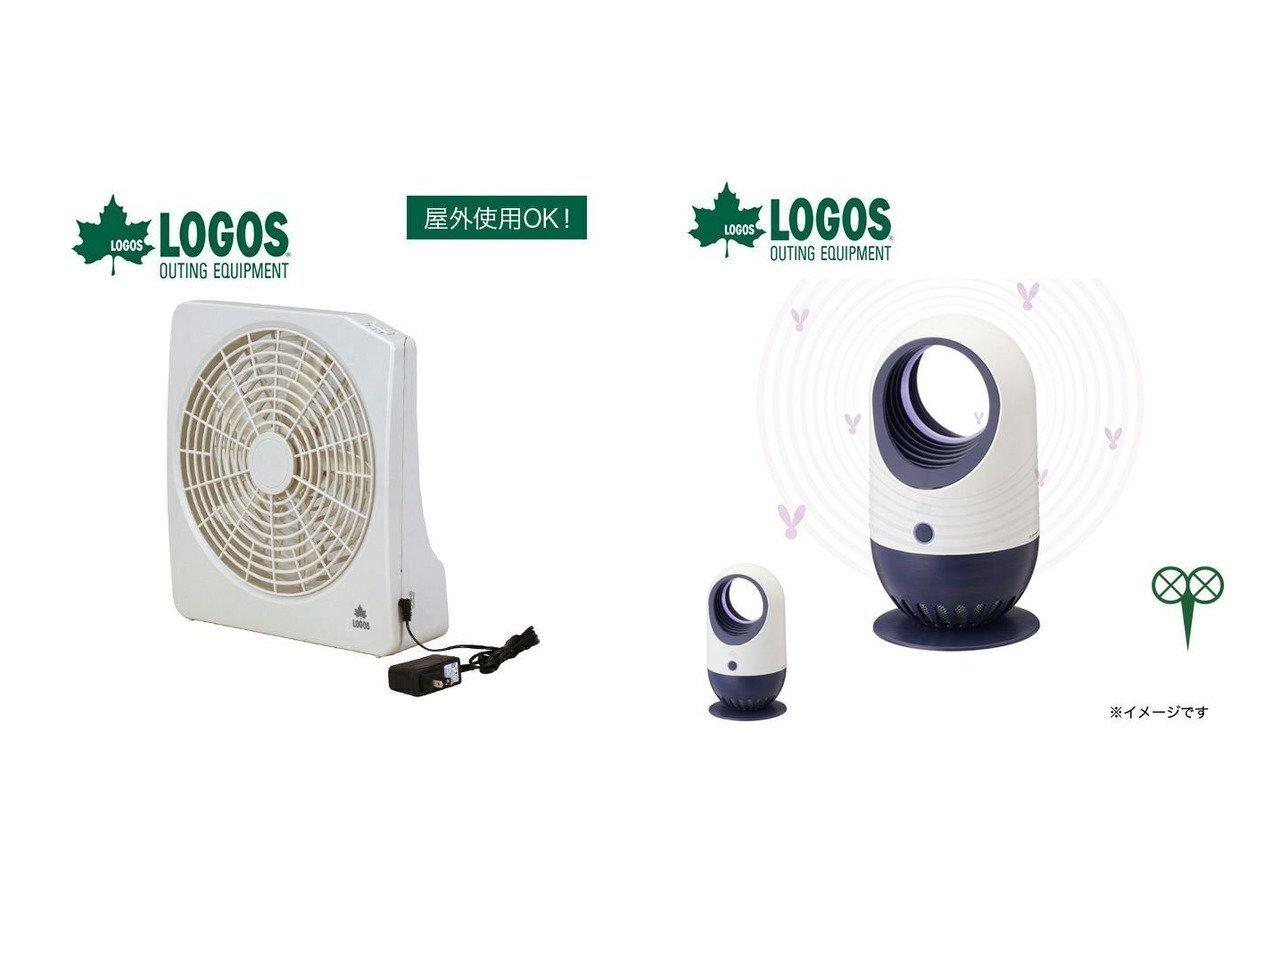 【LOGOS/ロゴス】の2電源・どこでも扇風機(AC・電池)&野電 モスキートキラー(USB蓄電) おすすめ!人気キャンプ・アウトドア用品の通販 おすすめで人気の流行・トレンド、ファッションの通販商品 メンズファッション・キッズファッション・インテリア・家具・レディースファッション・服の通販 founy(ファニー) https://founy.com/ アウトドア コンパクト ホーム・キャンプ・アウトドア Home,Garden,Outdoor,Camping Gear キャンプ用品・アウトドア  Camping Gear & Outdoor Supplies その他 雑貨 小物 Camping Tools |ID:crp329100000036102